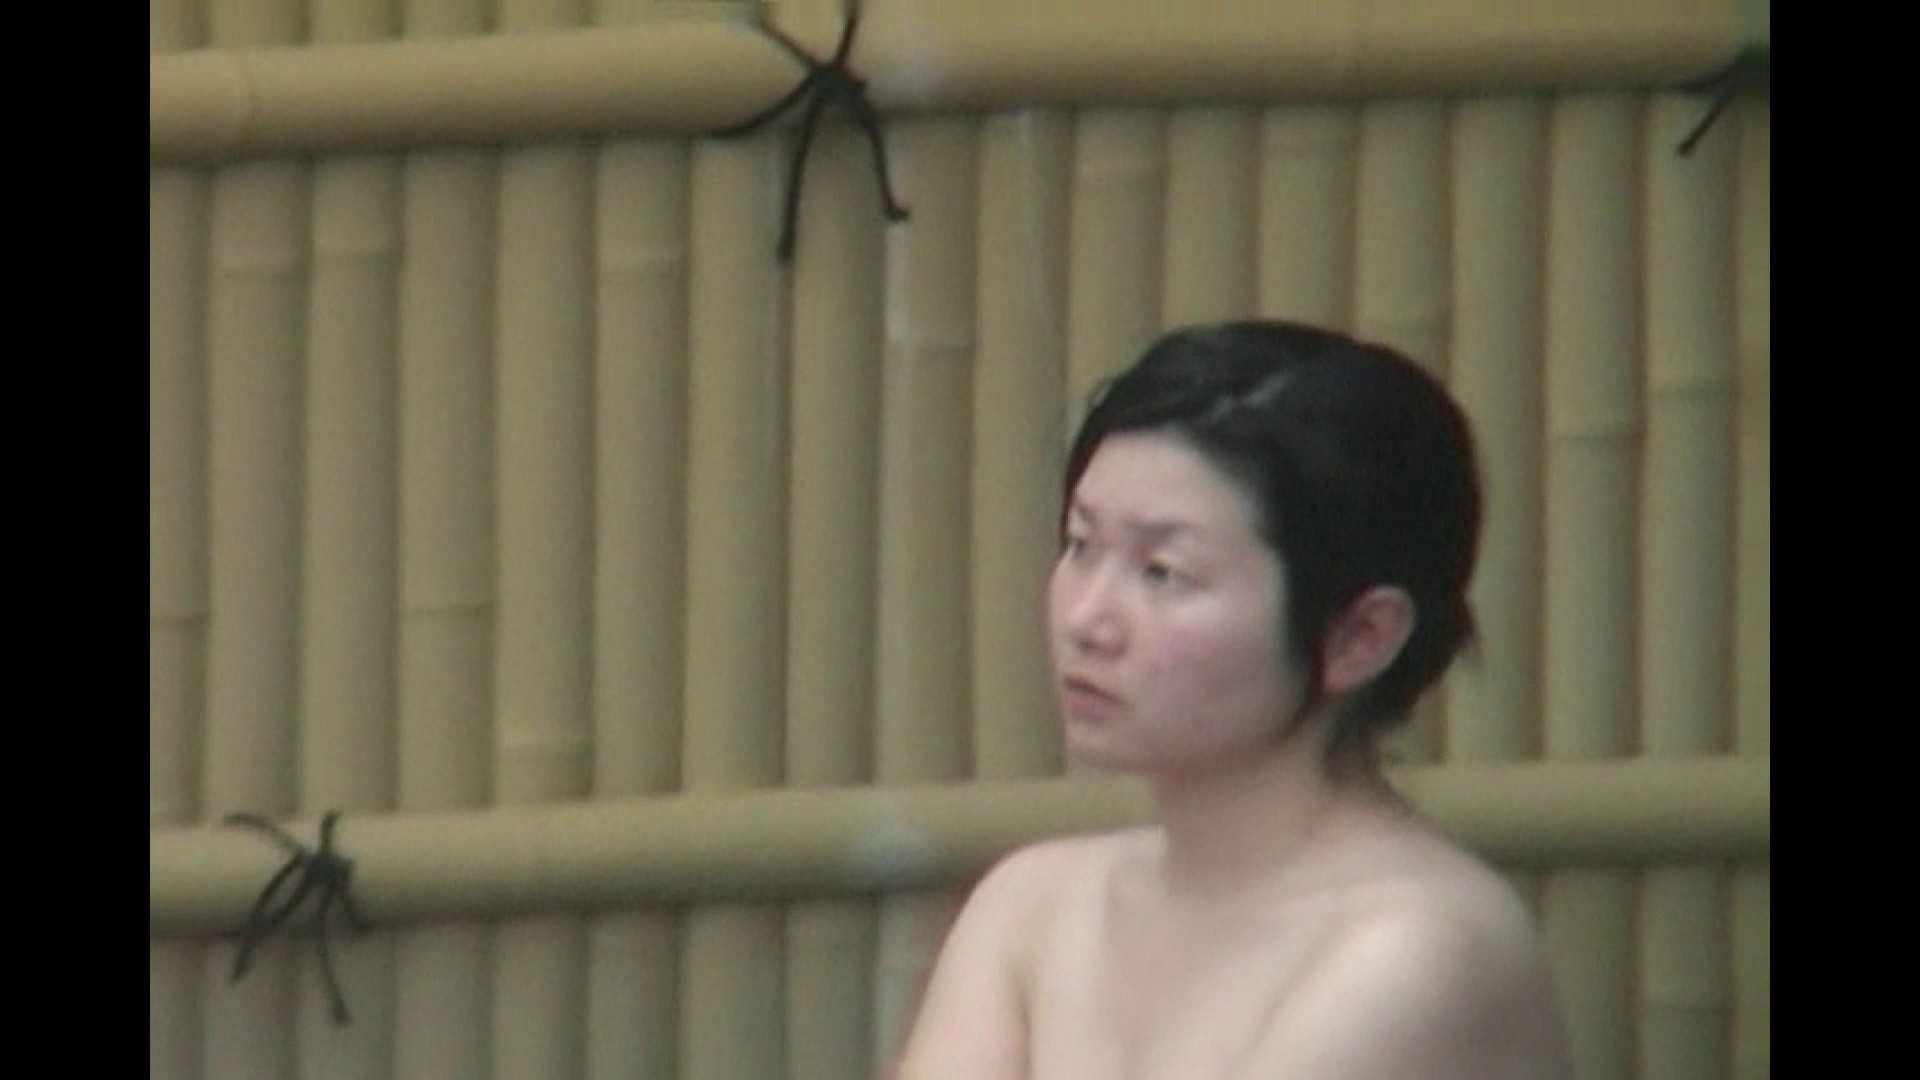 Aquaな露天風呂Vol.545 盗撮  56画像 51